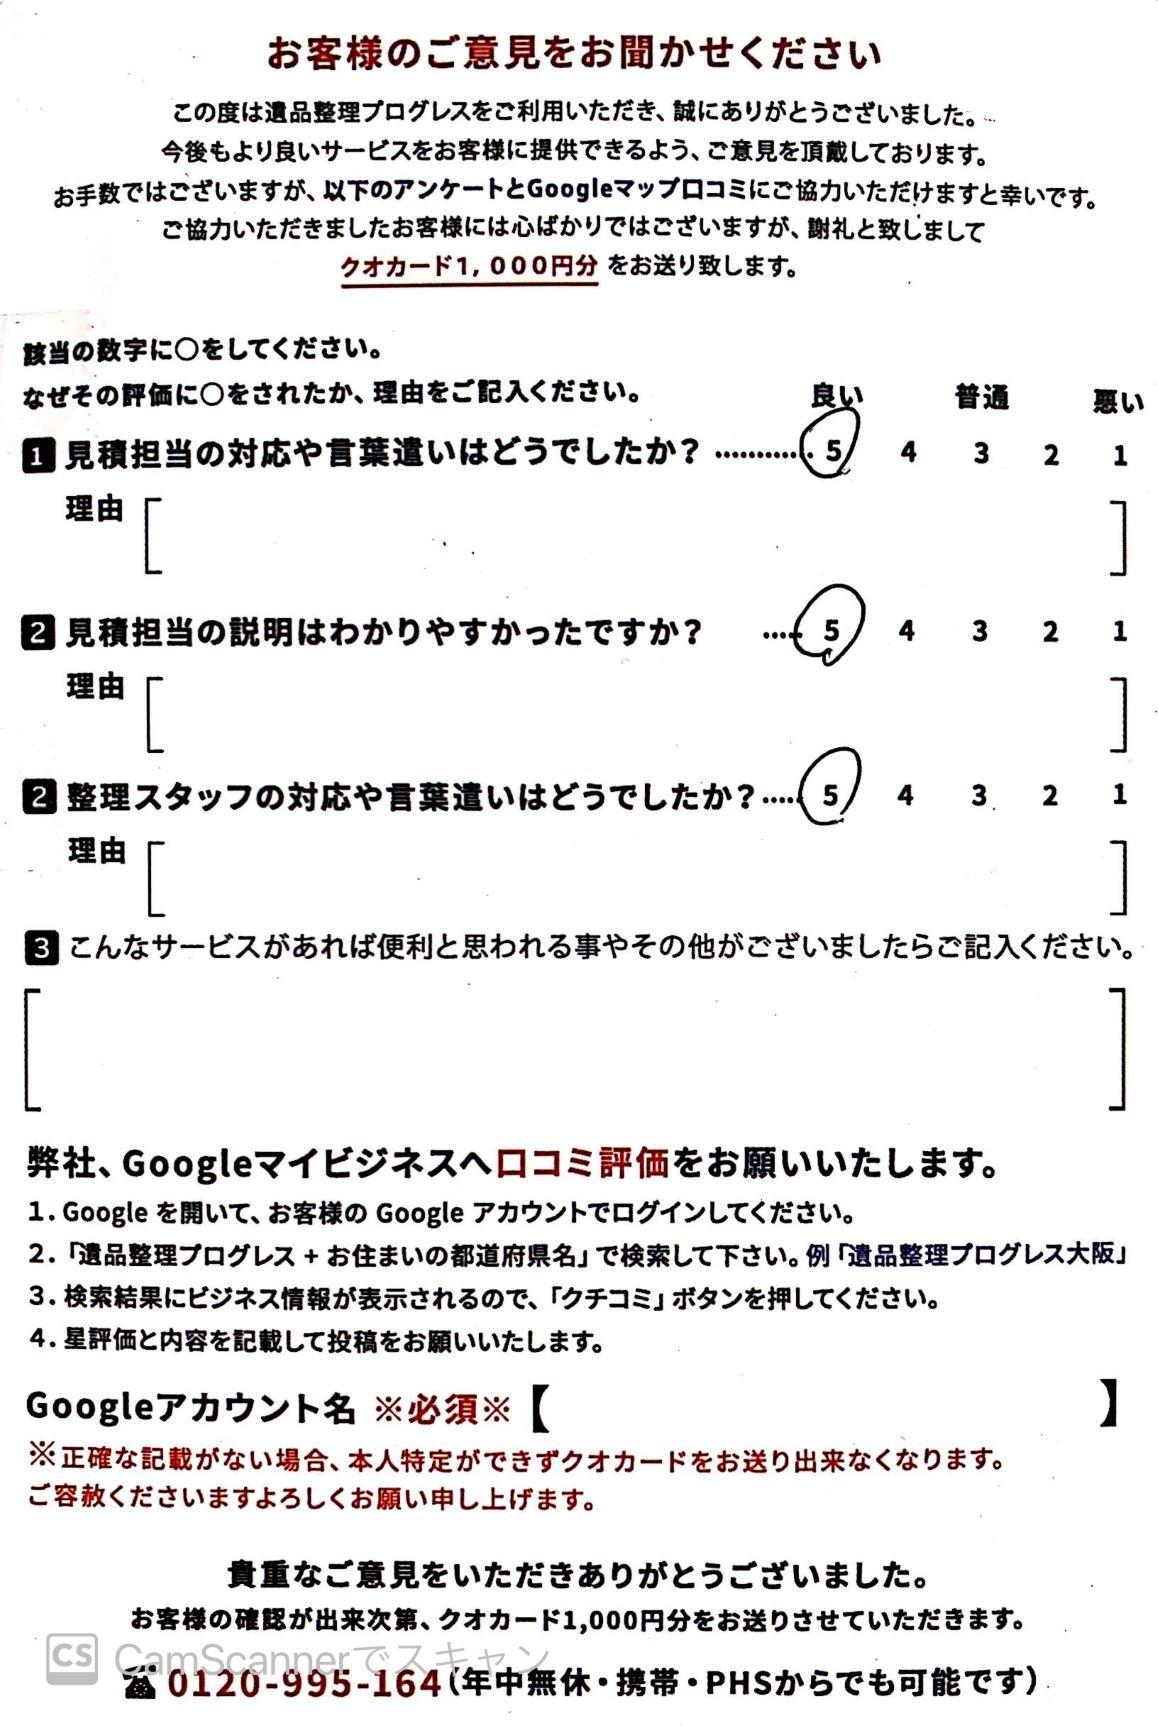 大阪府柏原市  H・M様のアンケート用紙